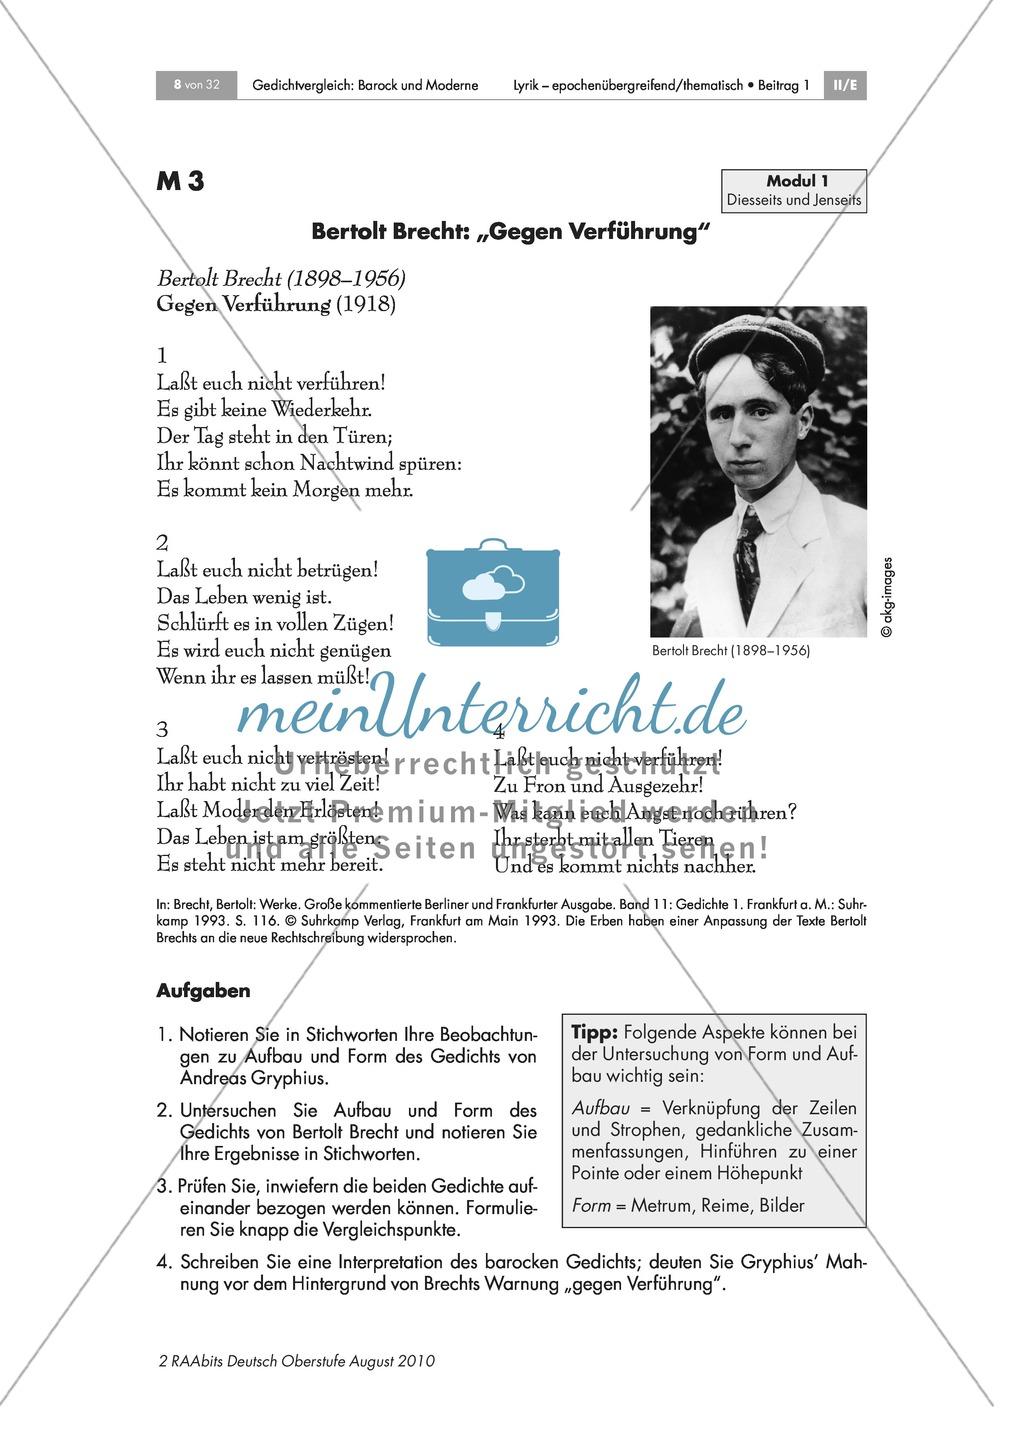 Gedichtvergleich barocker Gedichte mit moderner Lyrik: Gegen Verführung: Diesseits und Jenseits: Bilder zu Dreißigjährigem Krieg + Andreas Gryphius: